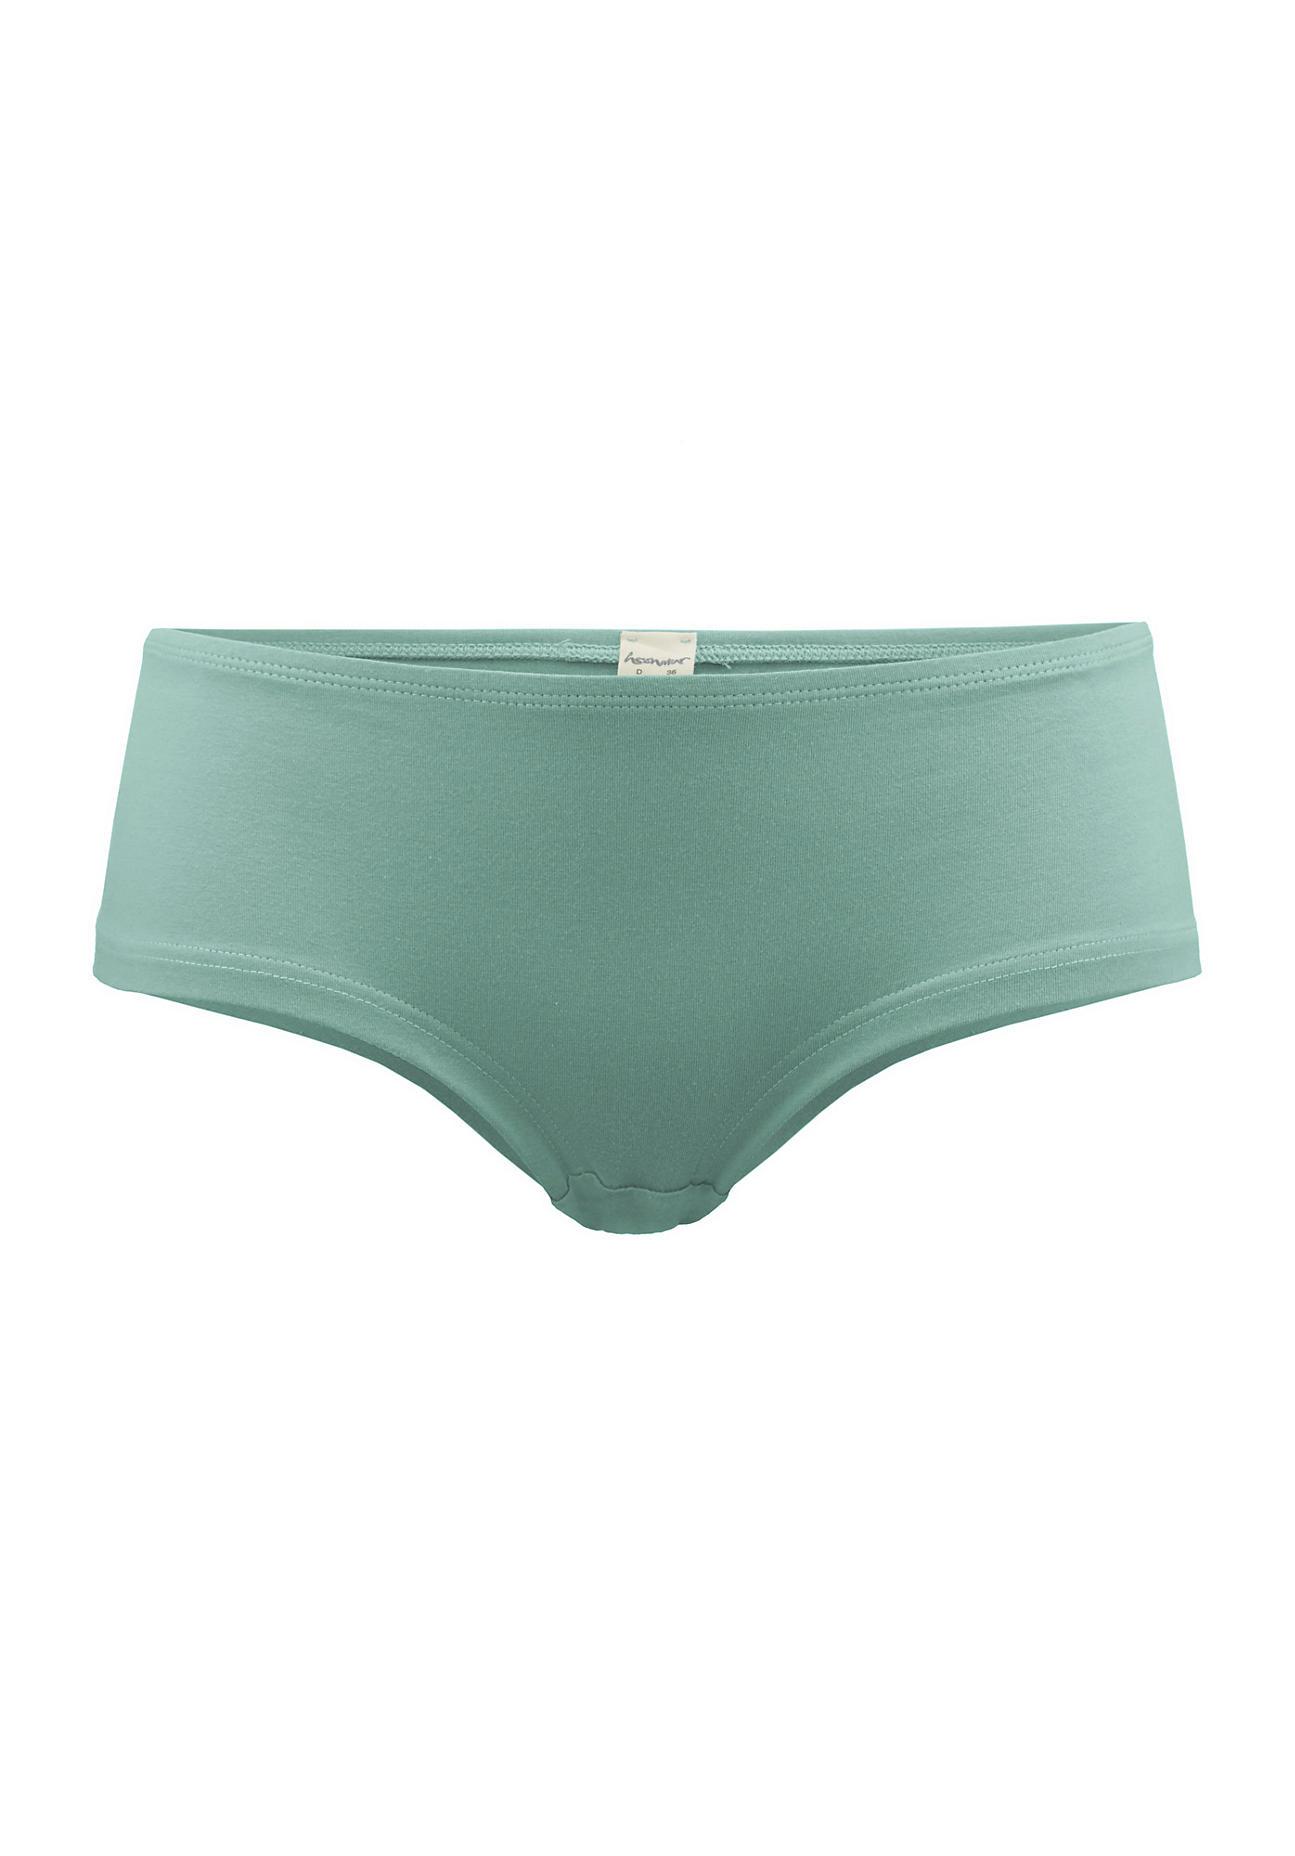 hessnatur Damen Hipster PureLUX aus Bio Baumwolle – grün – Größe 38